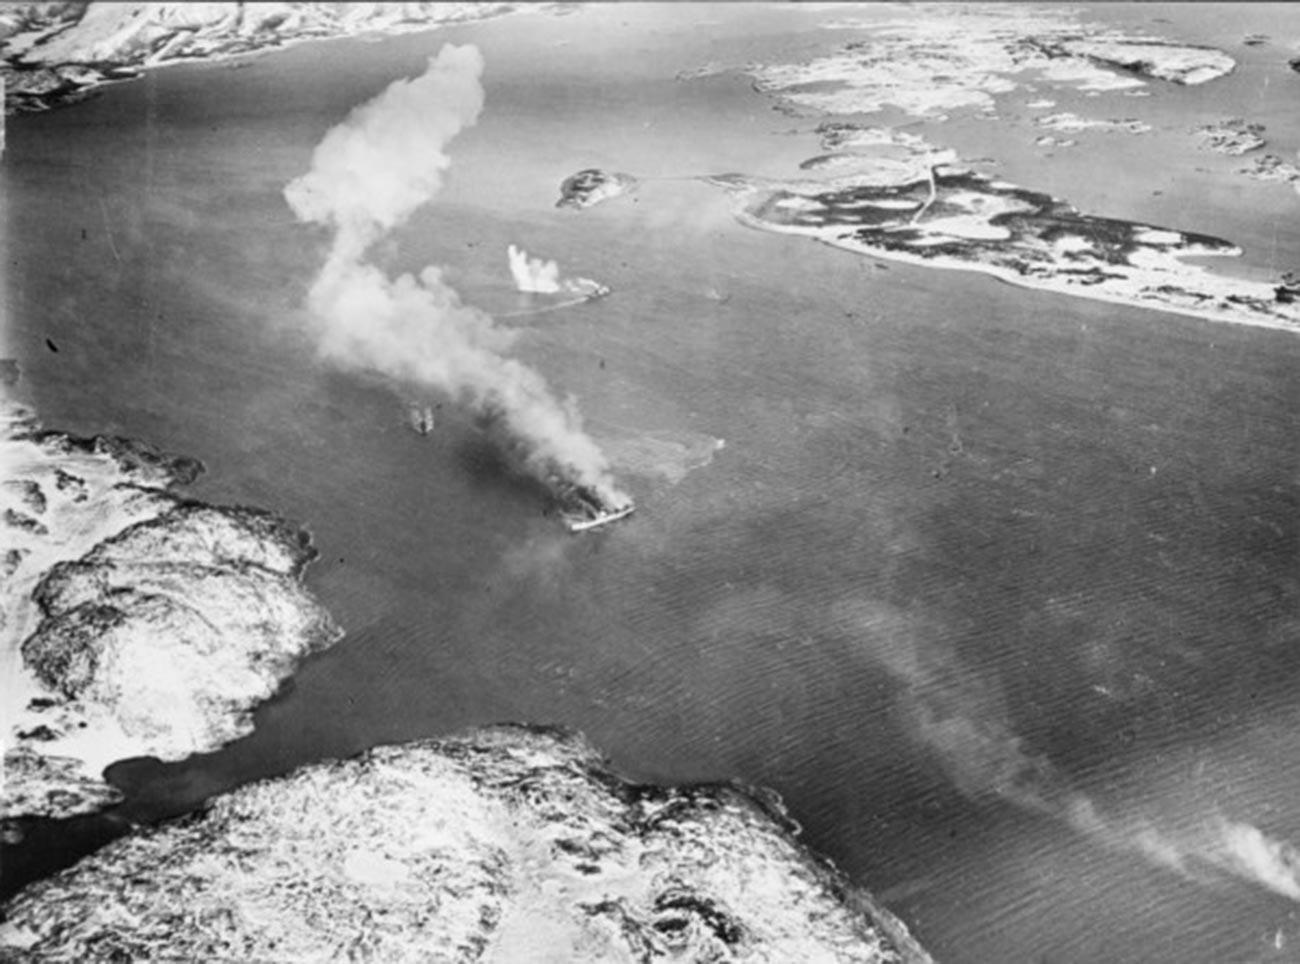 La nave Rigel in fiamme dopo essere stata bombardata dagli aerei britannici